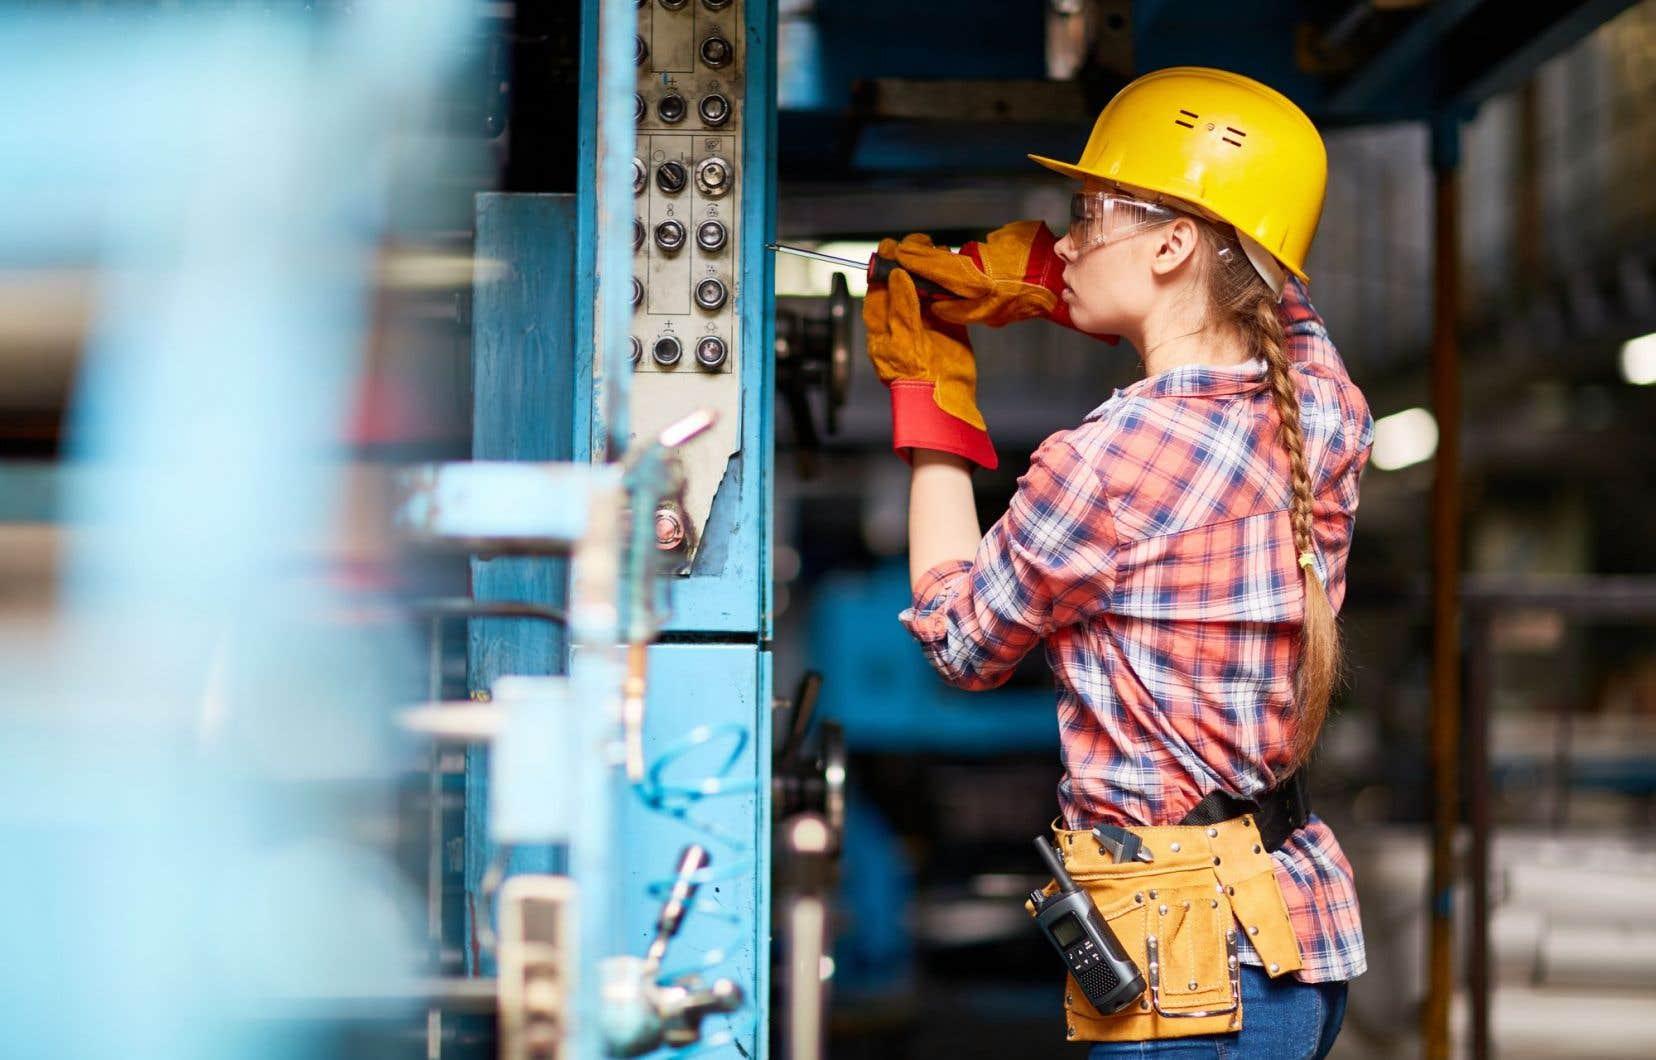 À peine 1,5% des travailleurs actifs sur les chantiers de construction étaient des femmes en 2015.